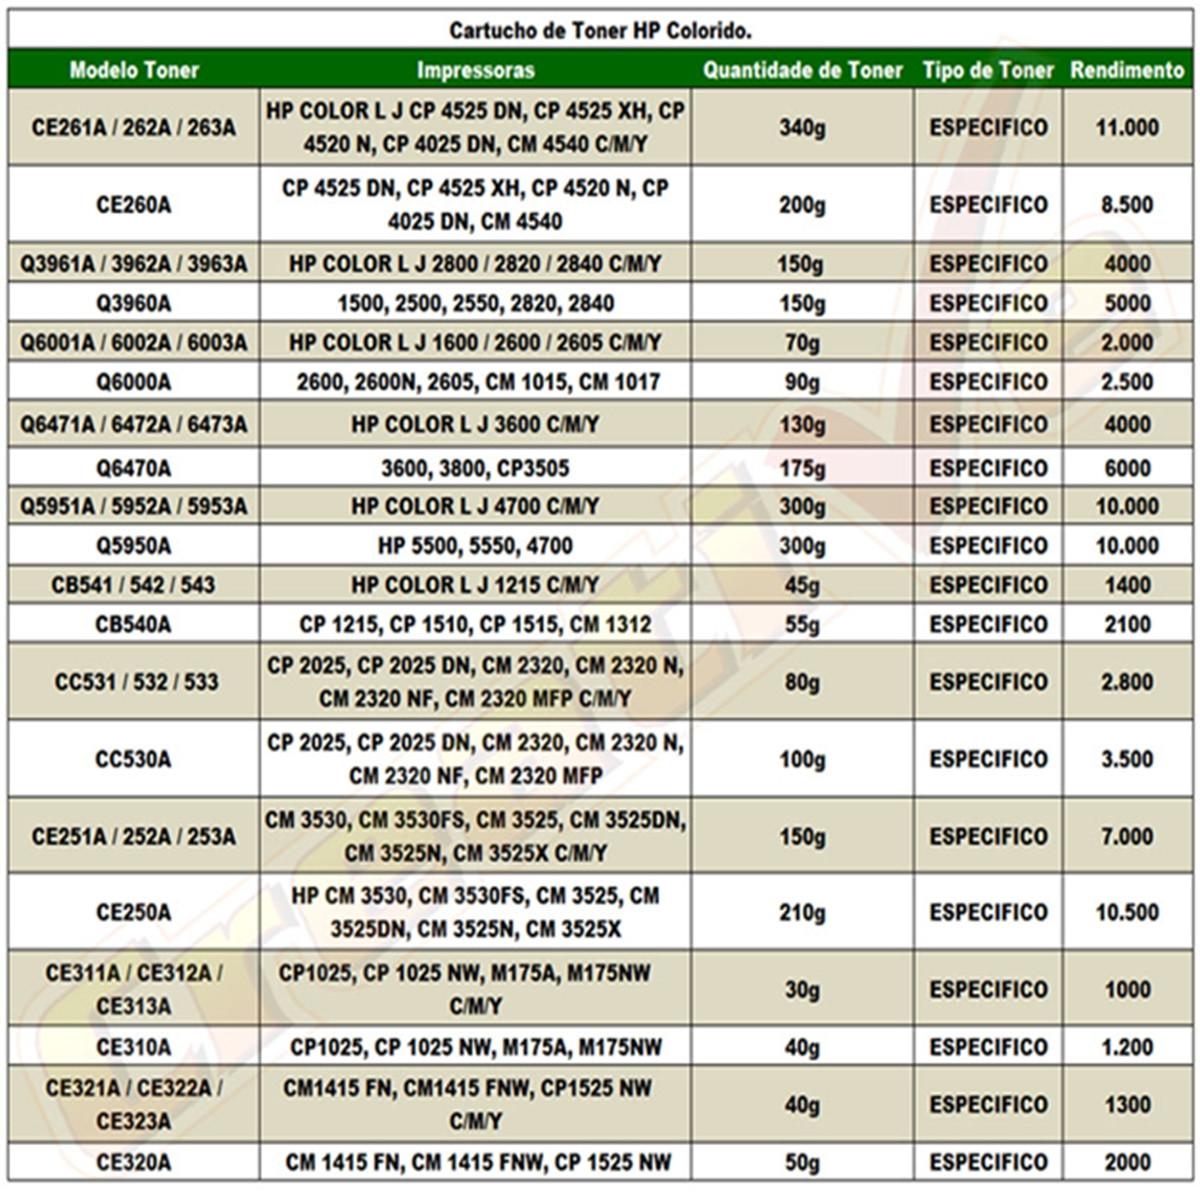 Tabela de Peso Recarga HP | Toner Colorido